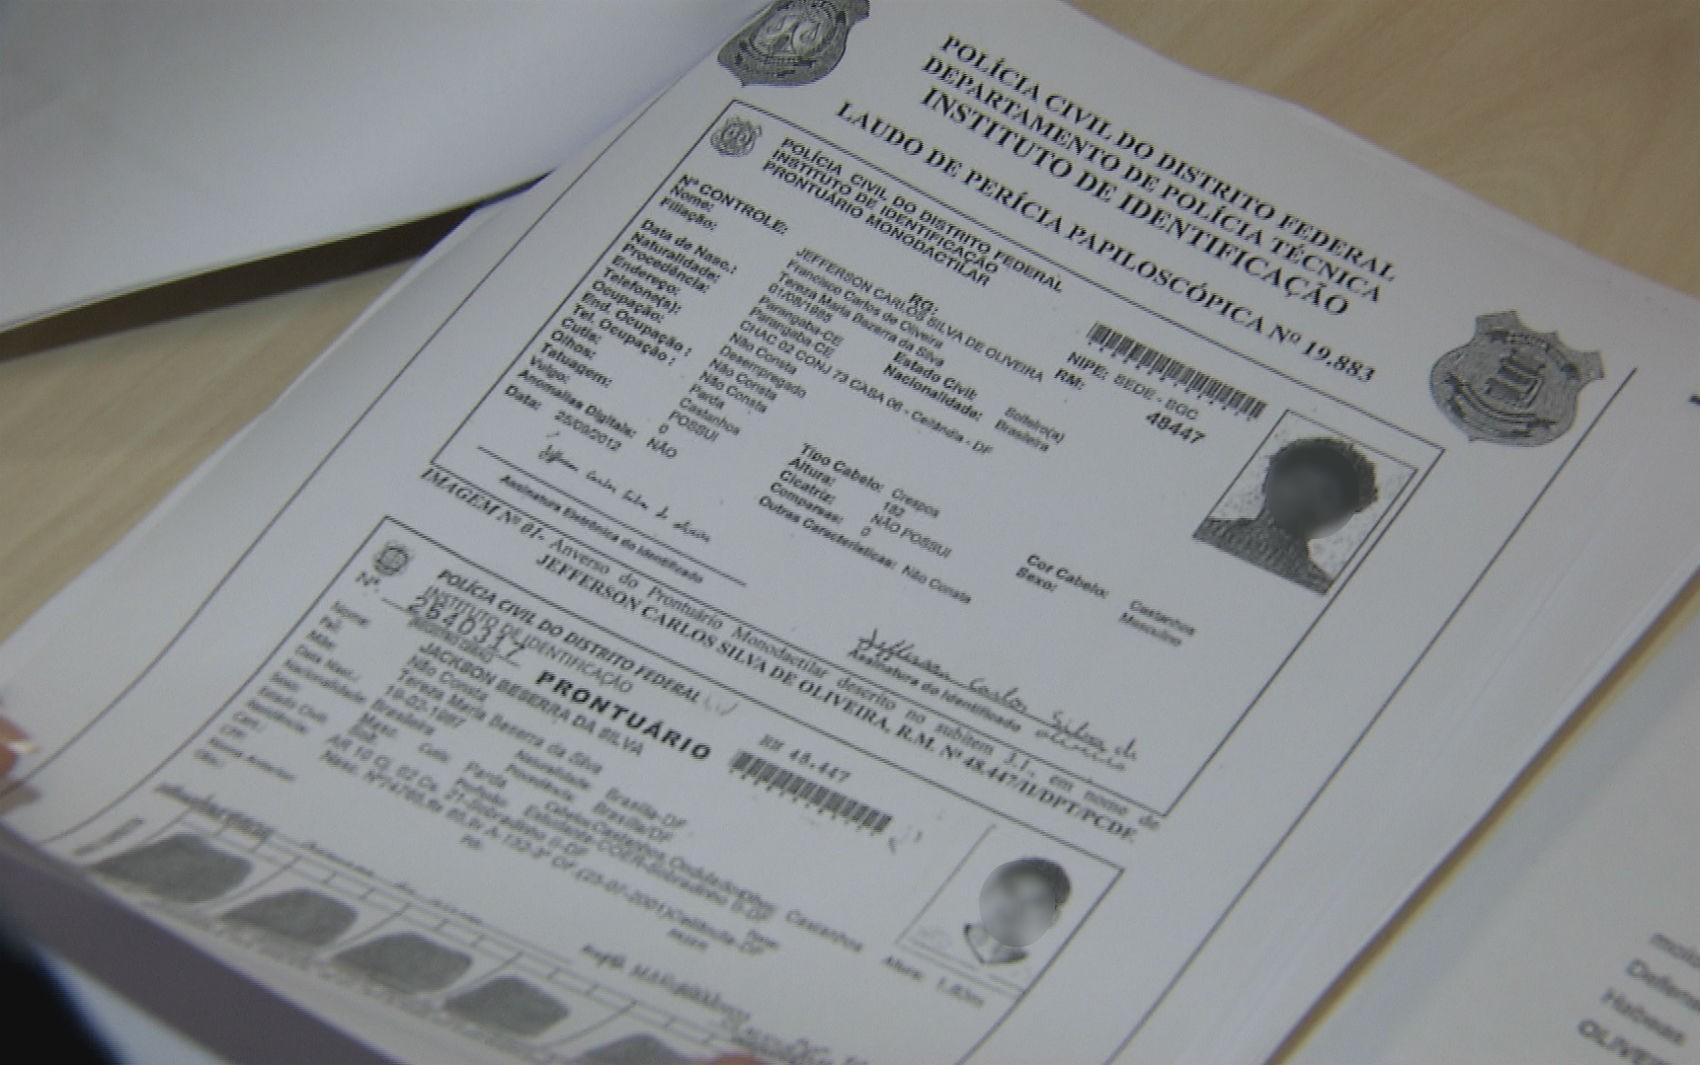 Justiça manda soltar homem que foi preso no lugar do irmão por roubo em Anápolis